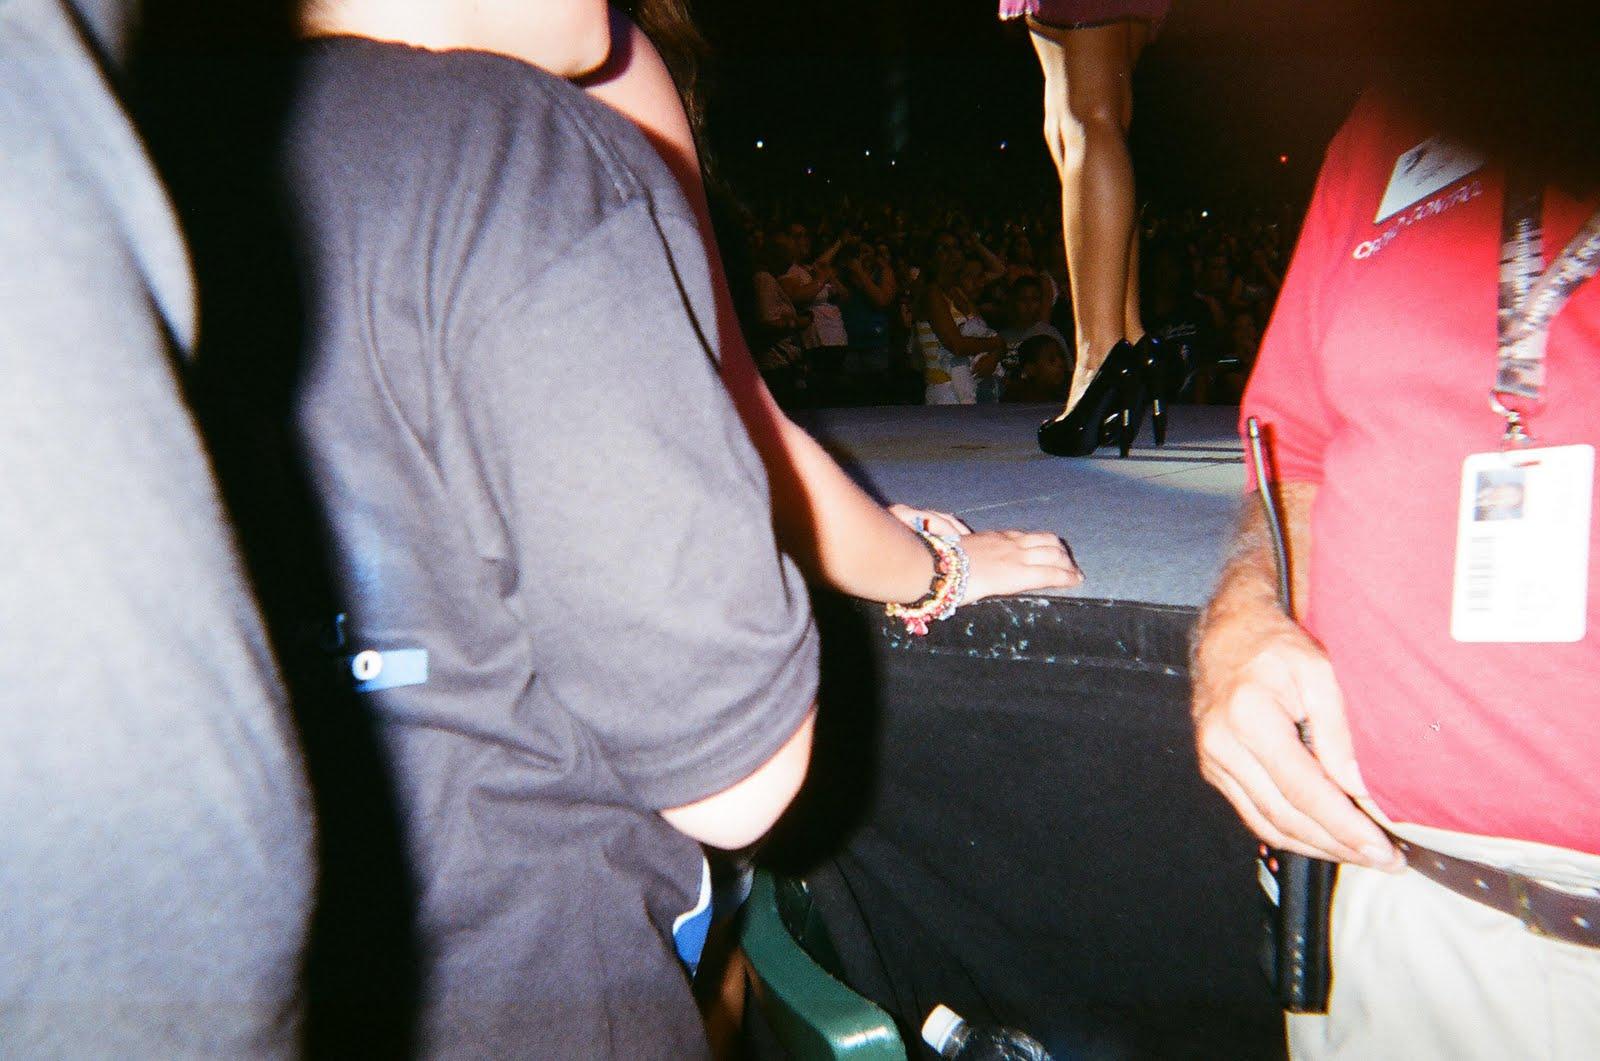 http://4.bp.blogspot.com/_KuaAihD4oVk/TIhcss4zkKI/AAAAAAAANwc/vOZApHg_yD0/s1600/demi-lovato-shoes.jpg